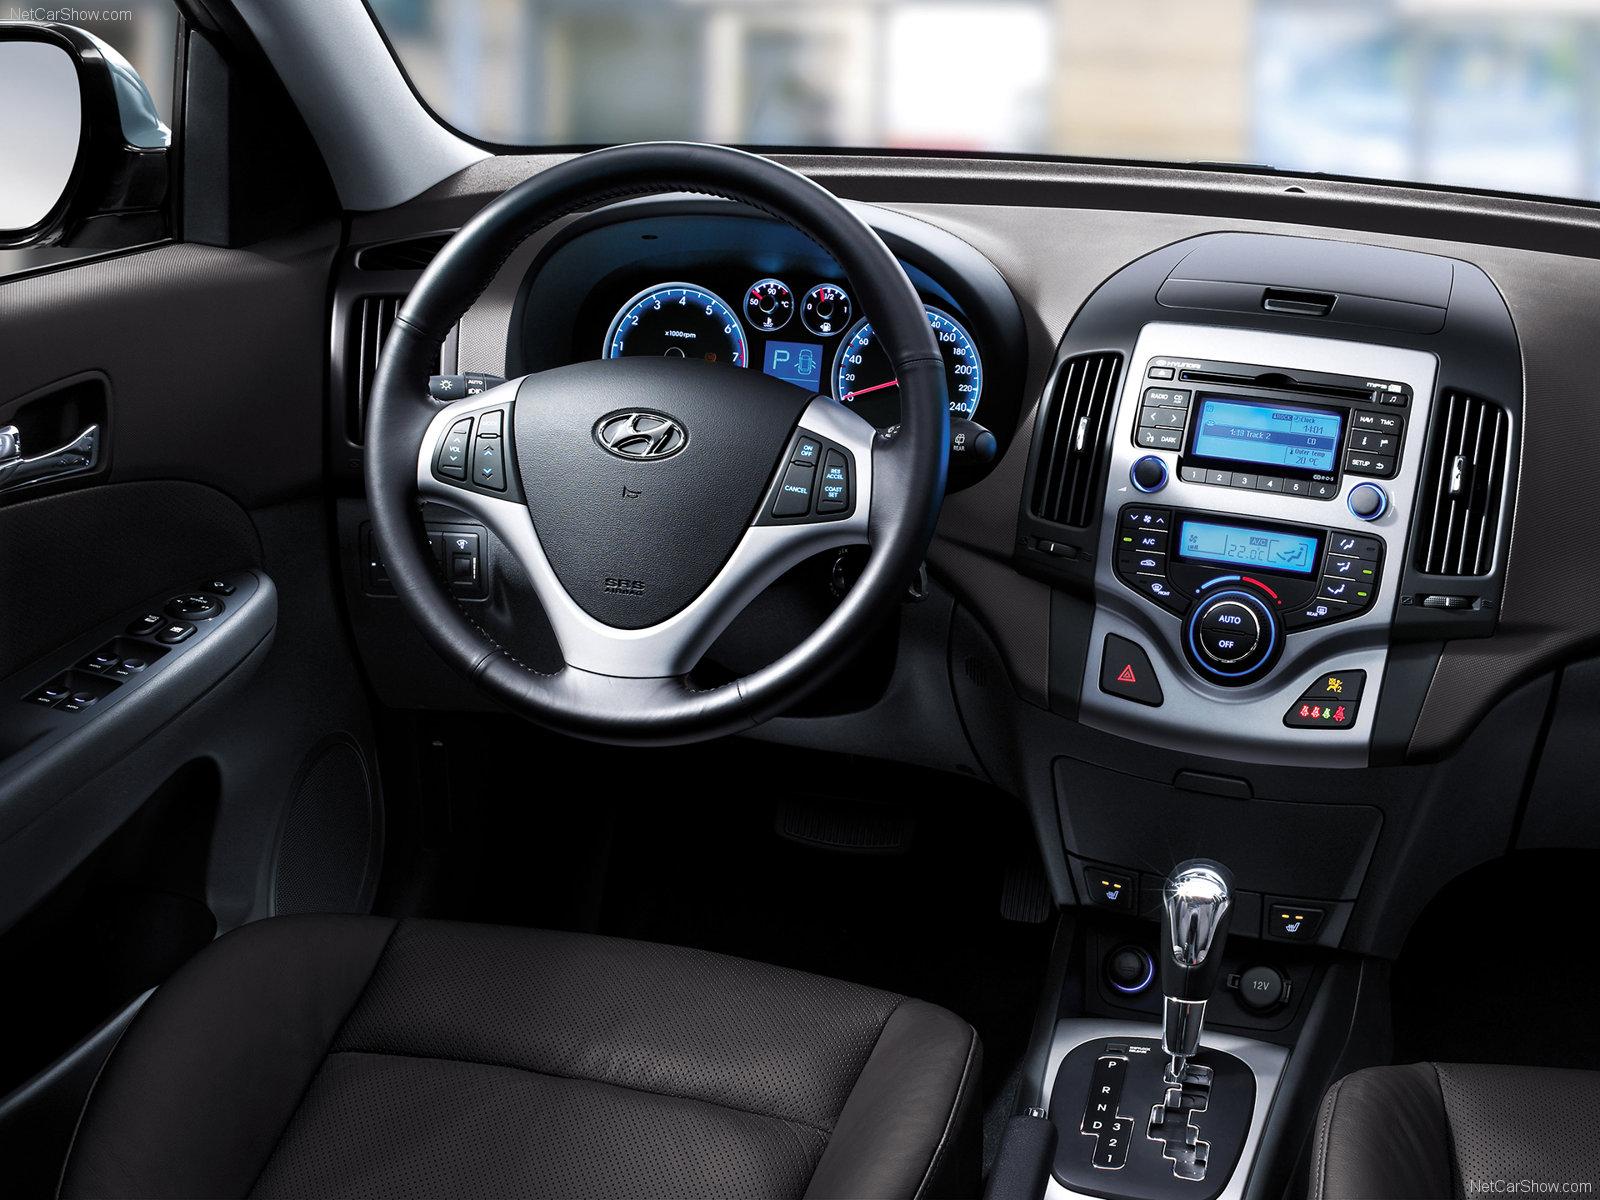 Купить Hyundai i30 1.6 CRDi Comfort AT Цена 22480у.е. Город Киев